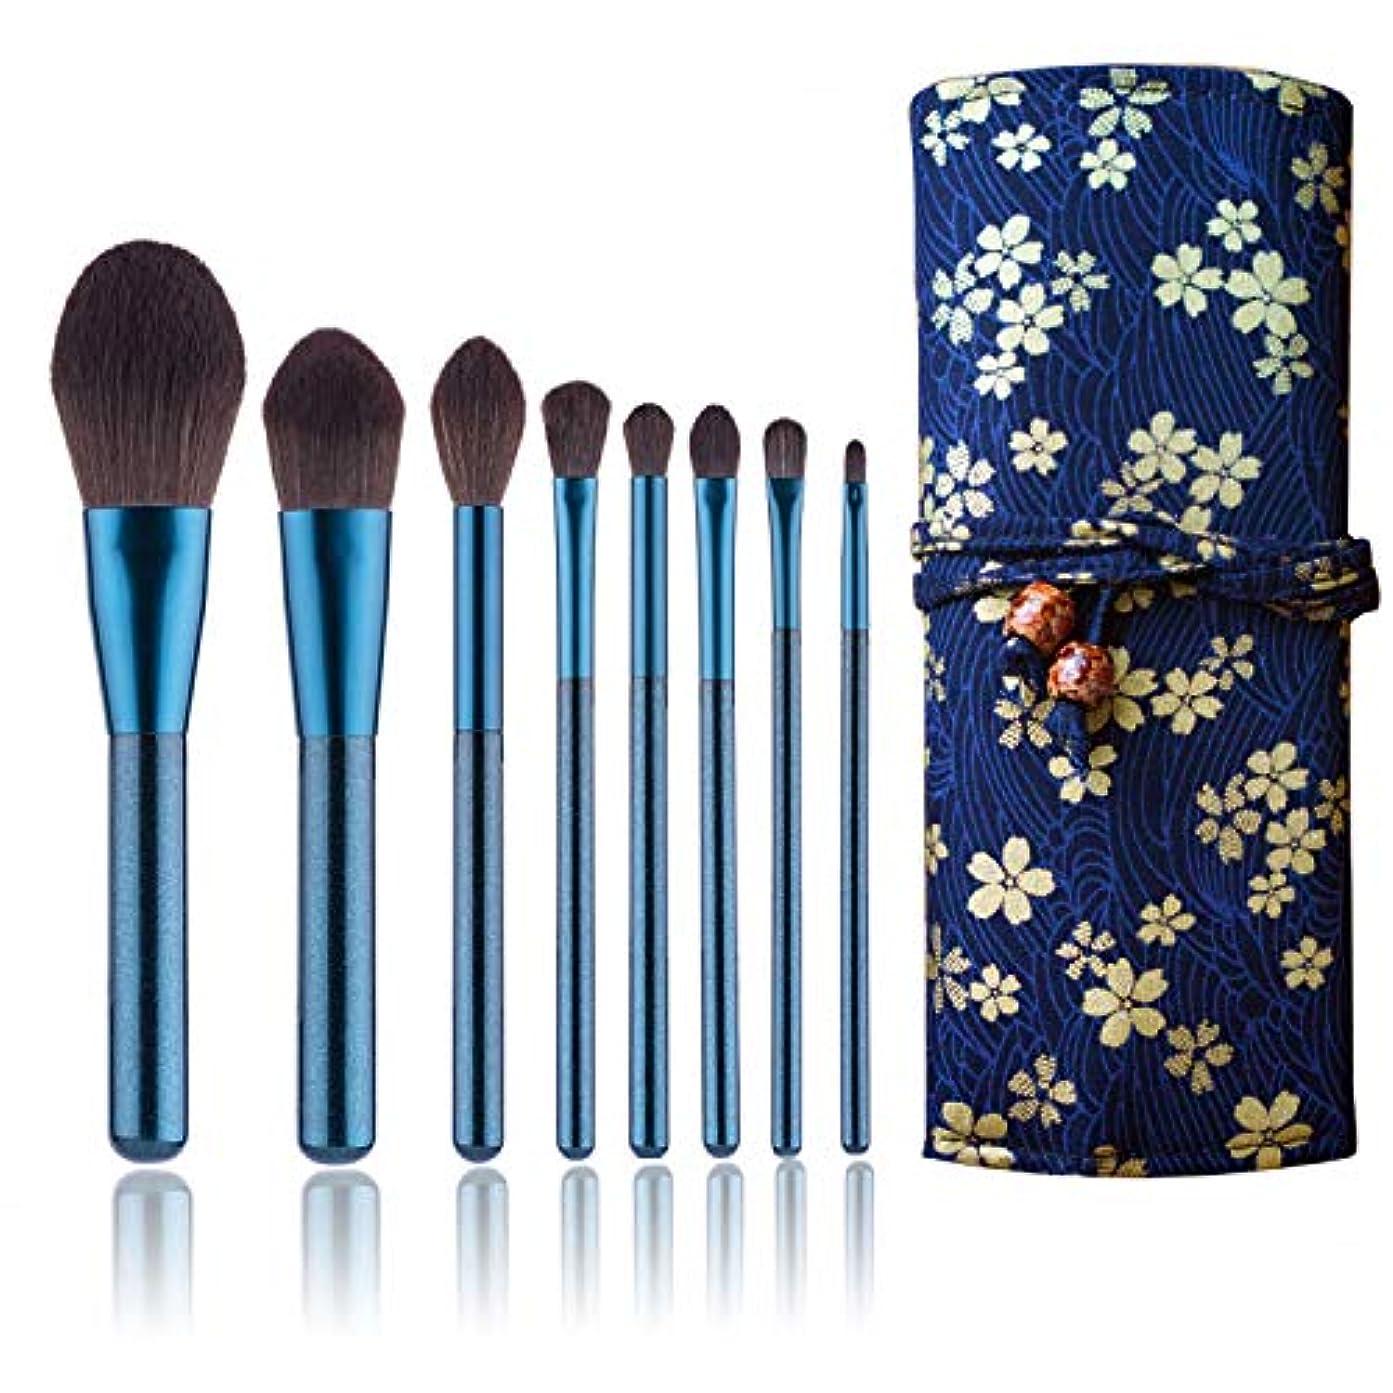 汚れた姪むしろZOE·Y メイクブラシ 8本セット 化粧ブラシ 柔らかい 化粧筆 可愛い 化粧ポーチ付き 携帯便利 誕生日プレゼントゃギフトにもおすすめ makeup brushes